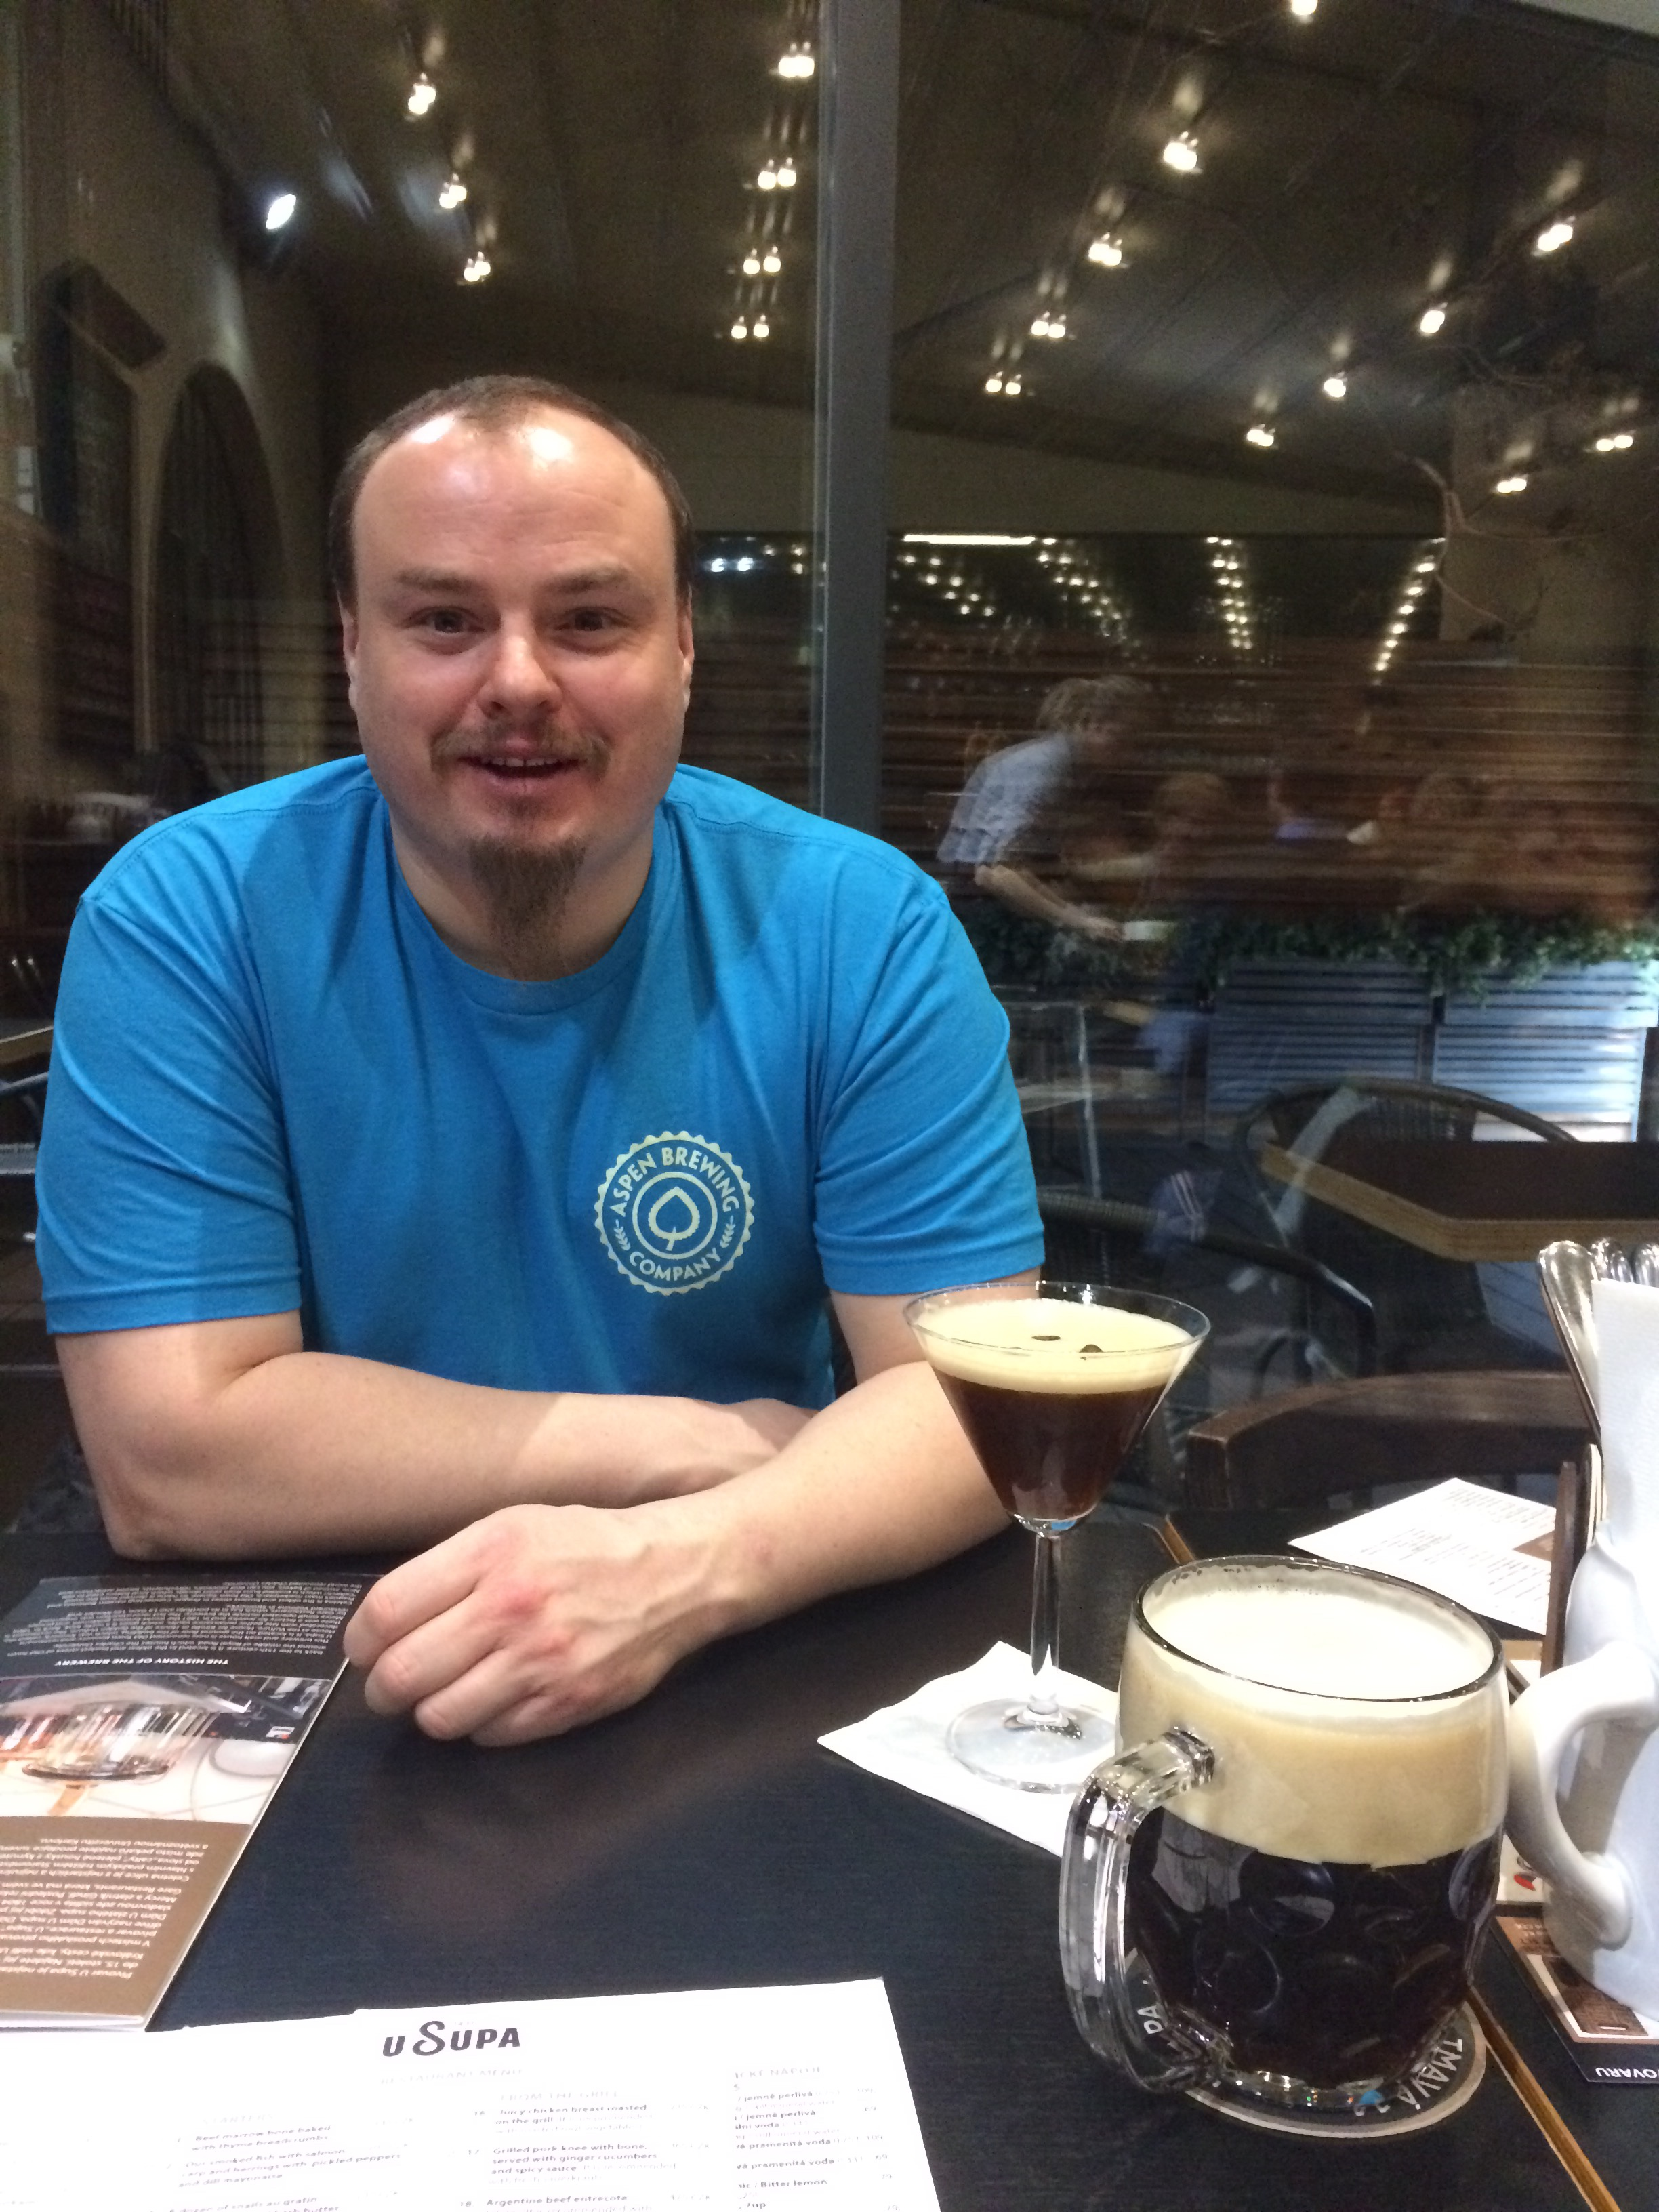 Beer and espresso martini